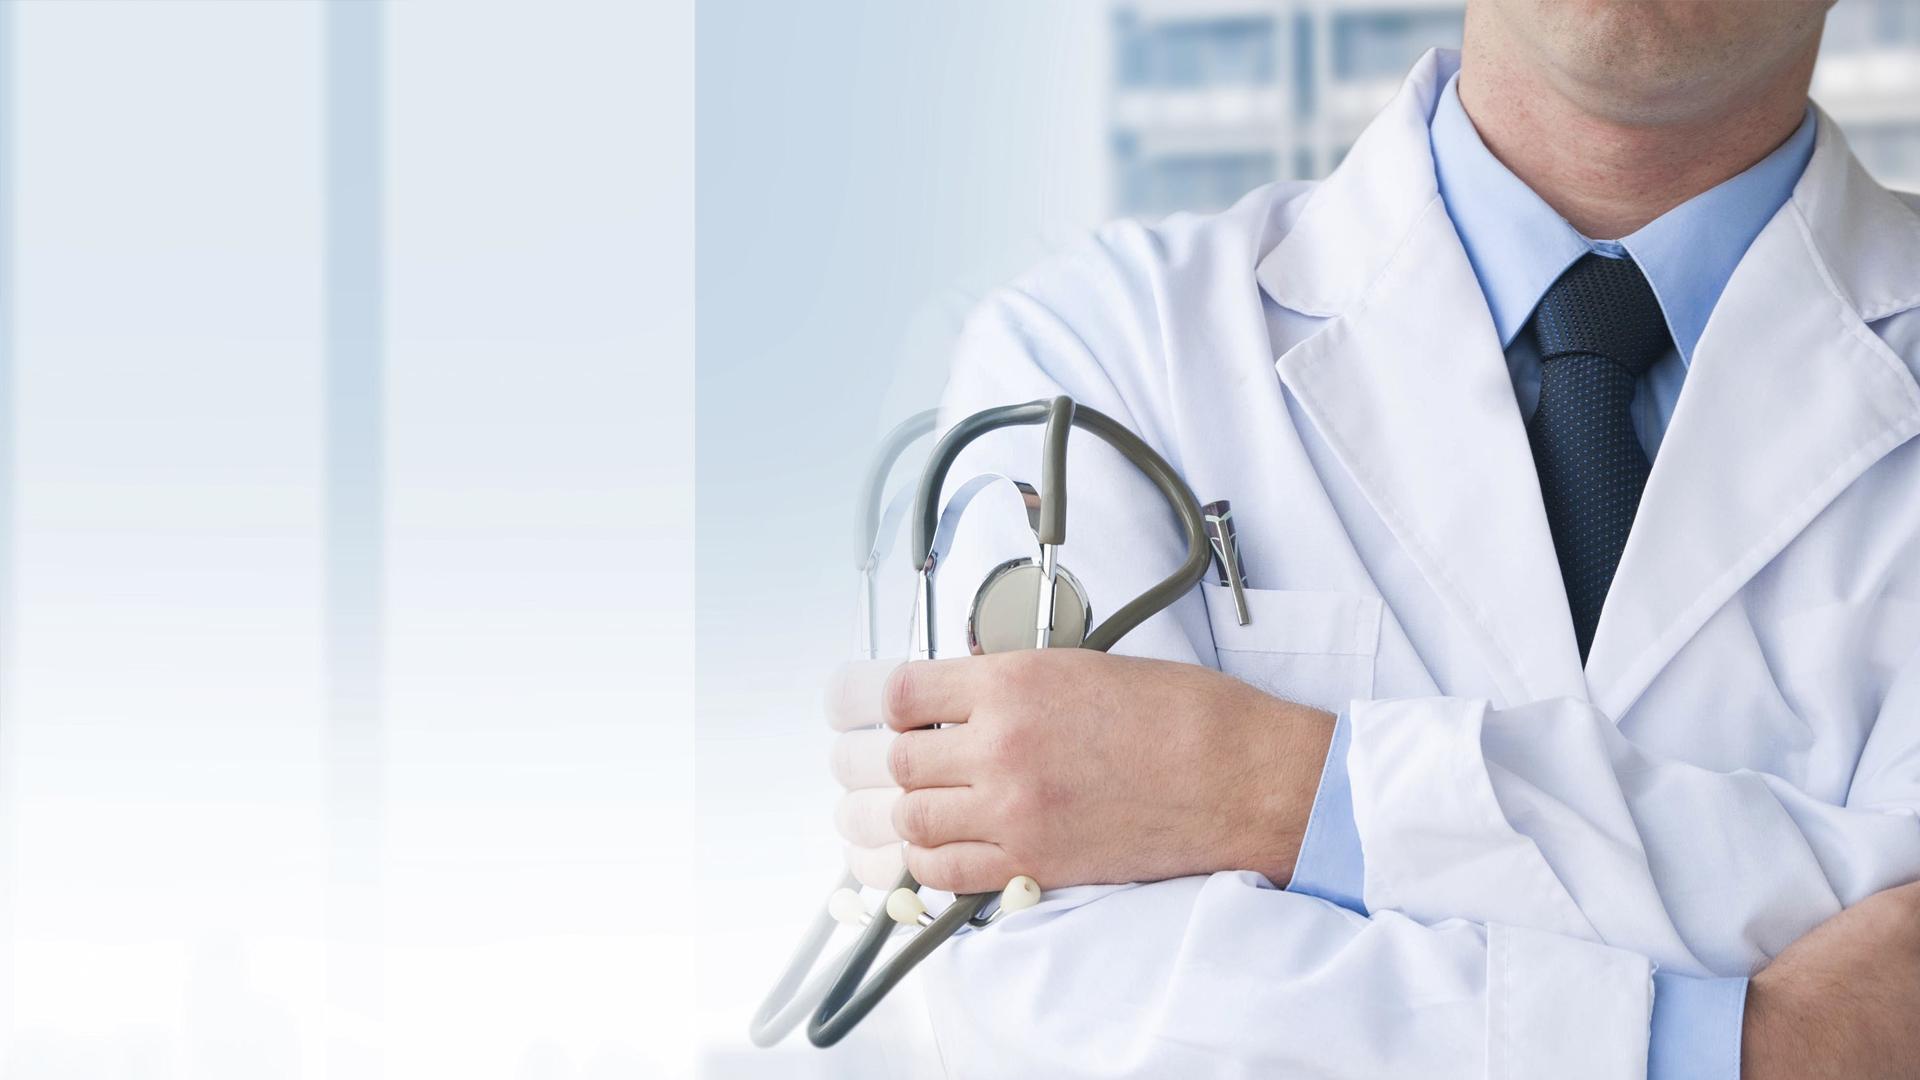 Legge Gelli: quali novità per il professionista sanitario?